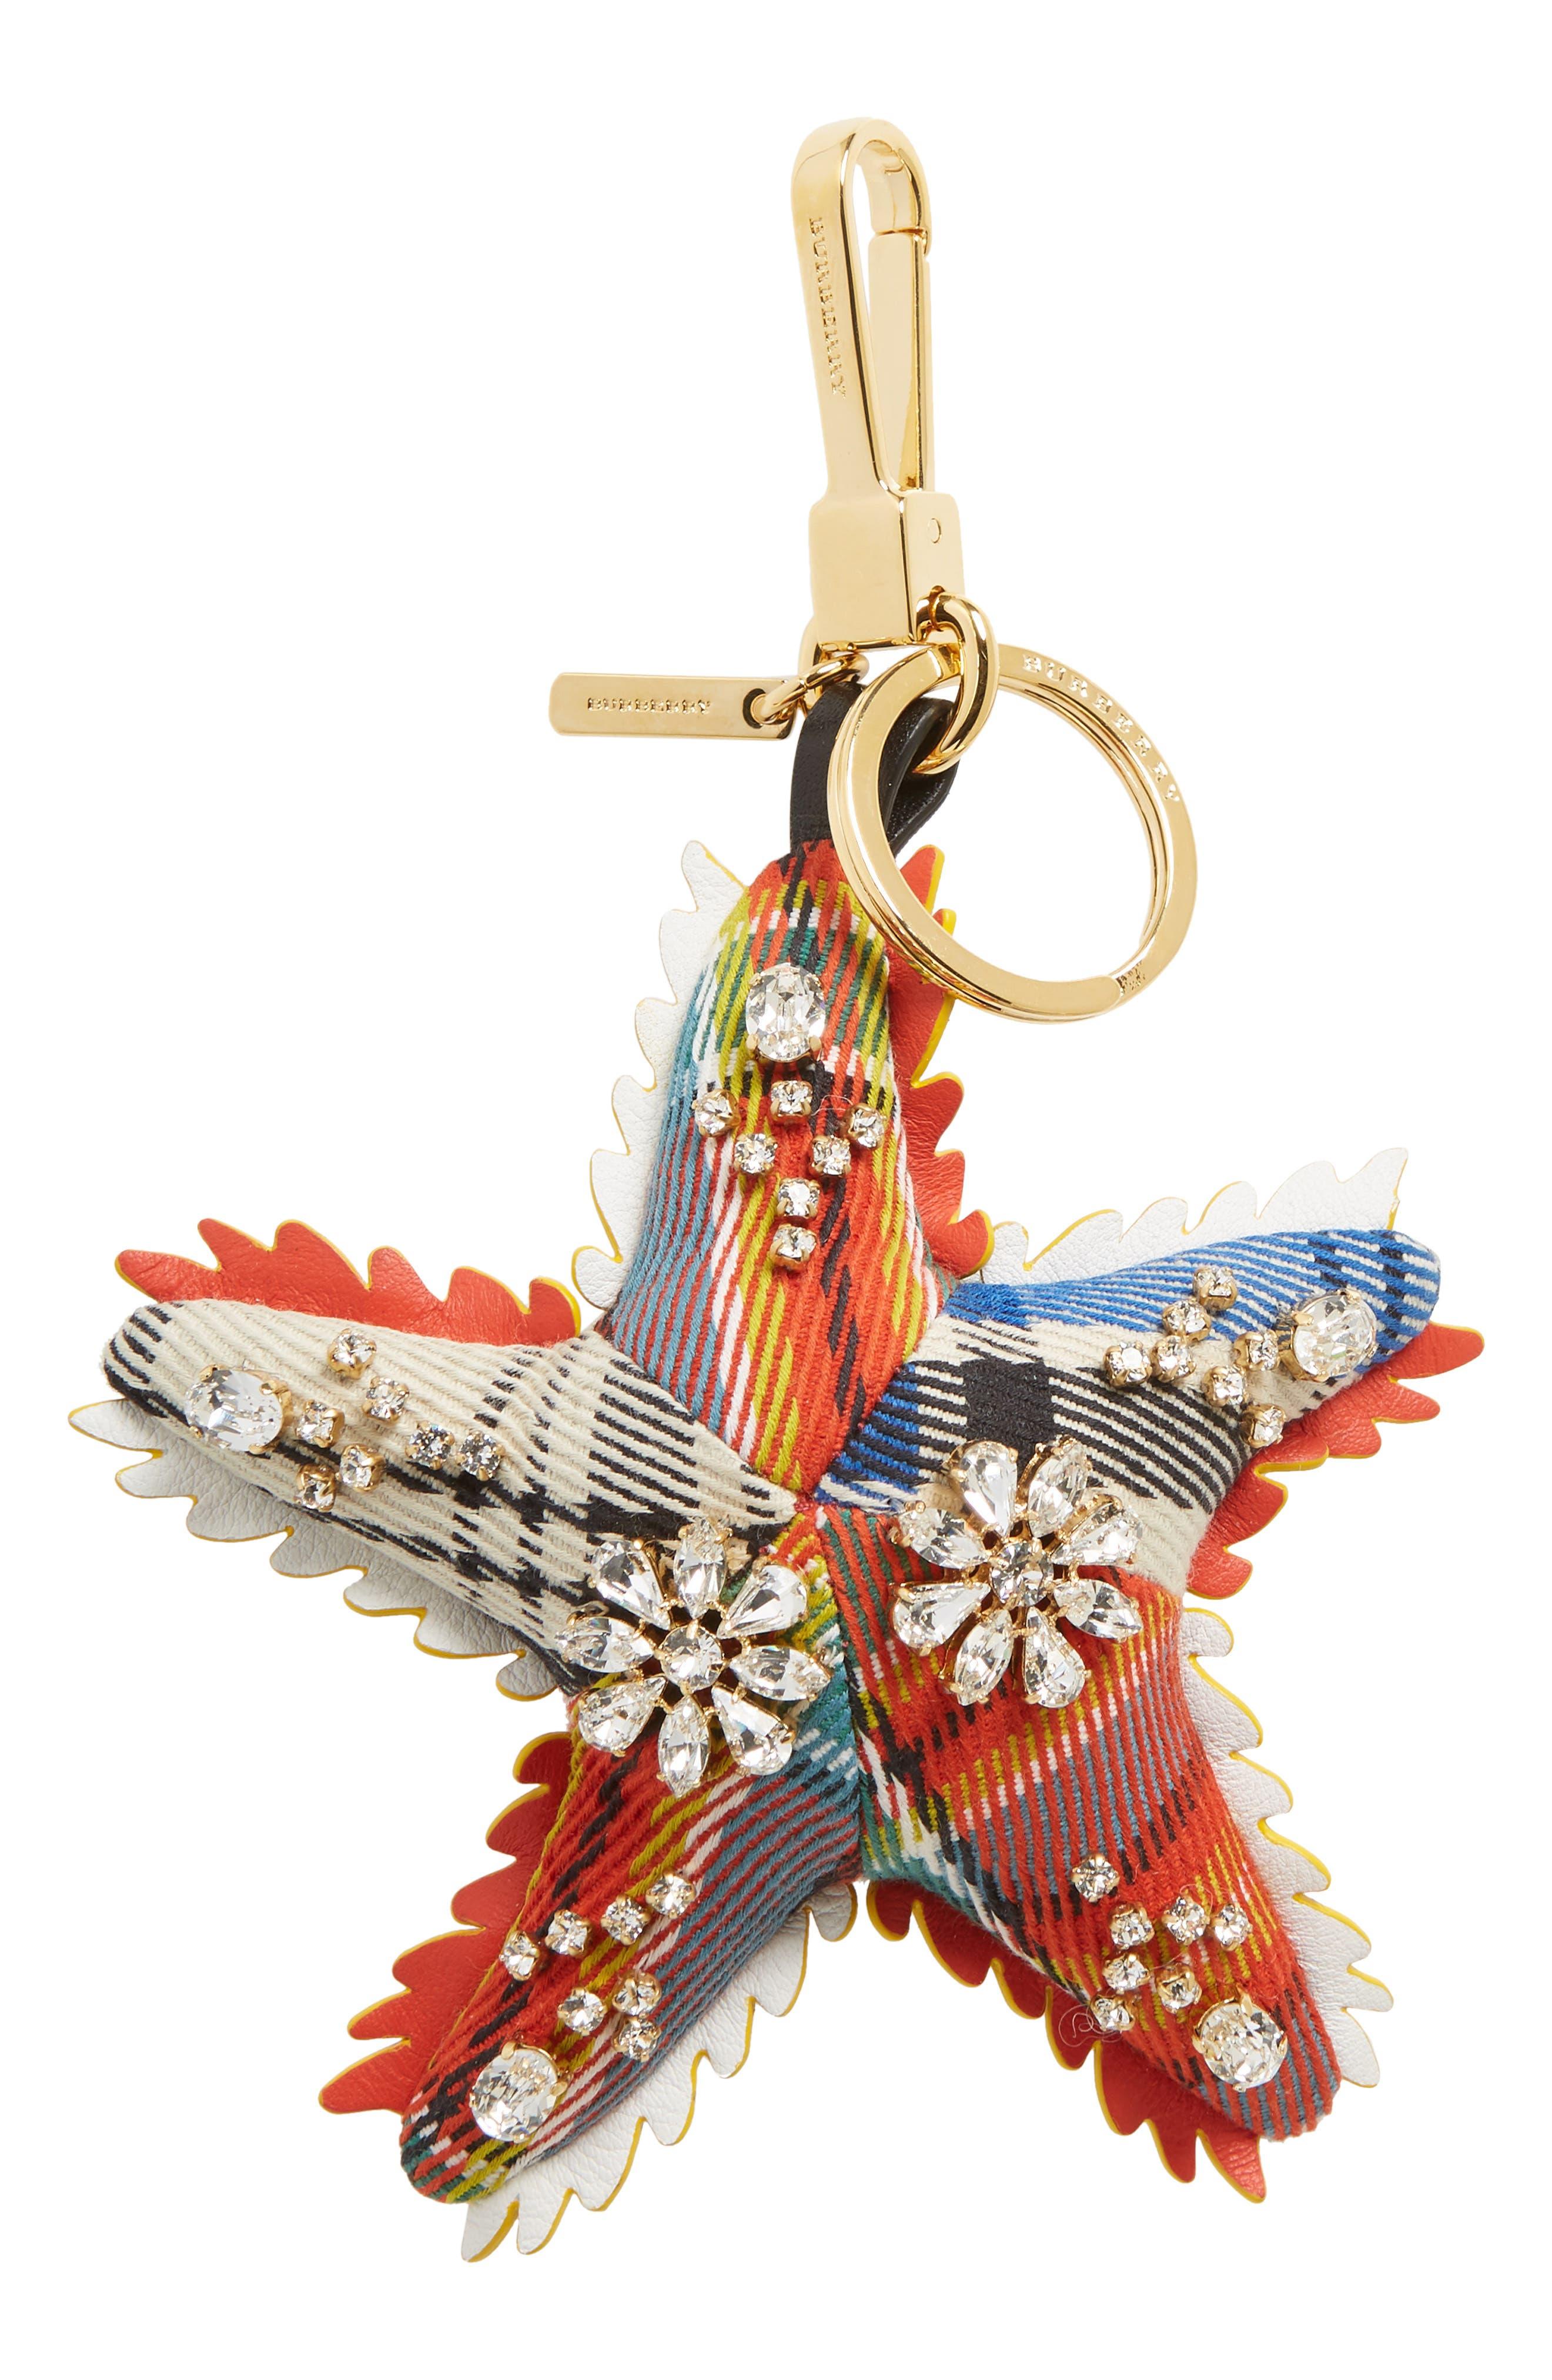 Phil the Starfish Cashmere Bag Charm,                             Main thumbnail 1, color,                             Orange Multi